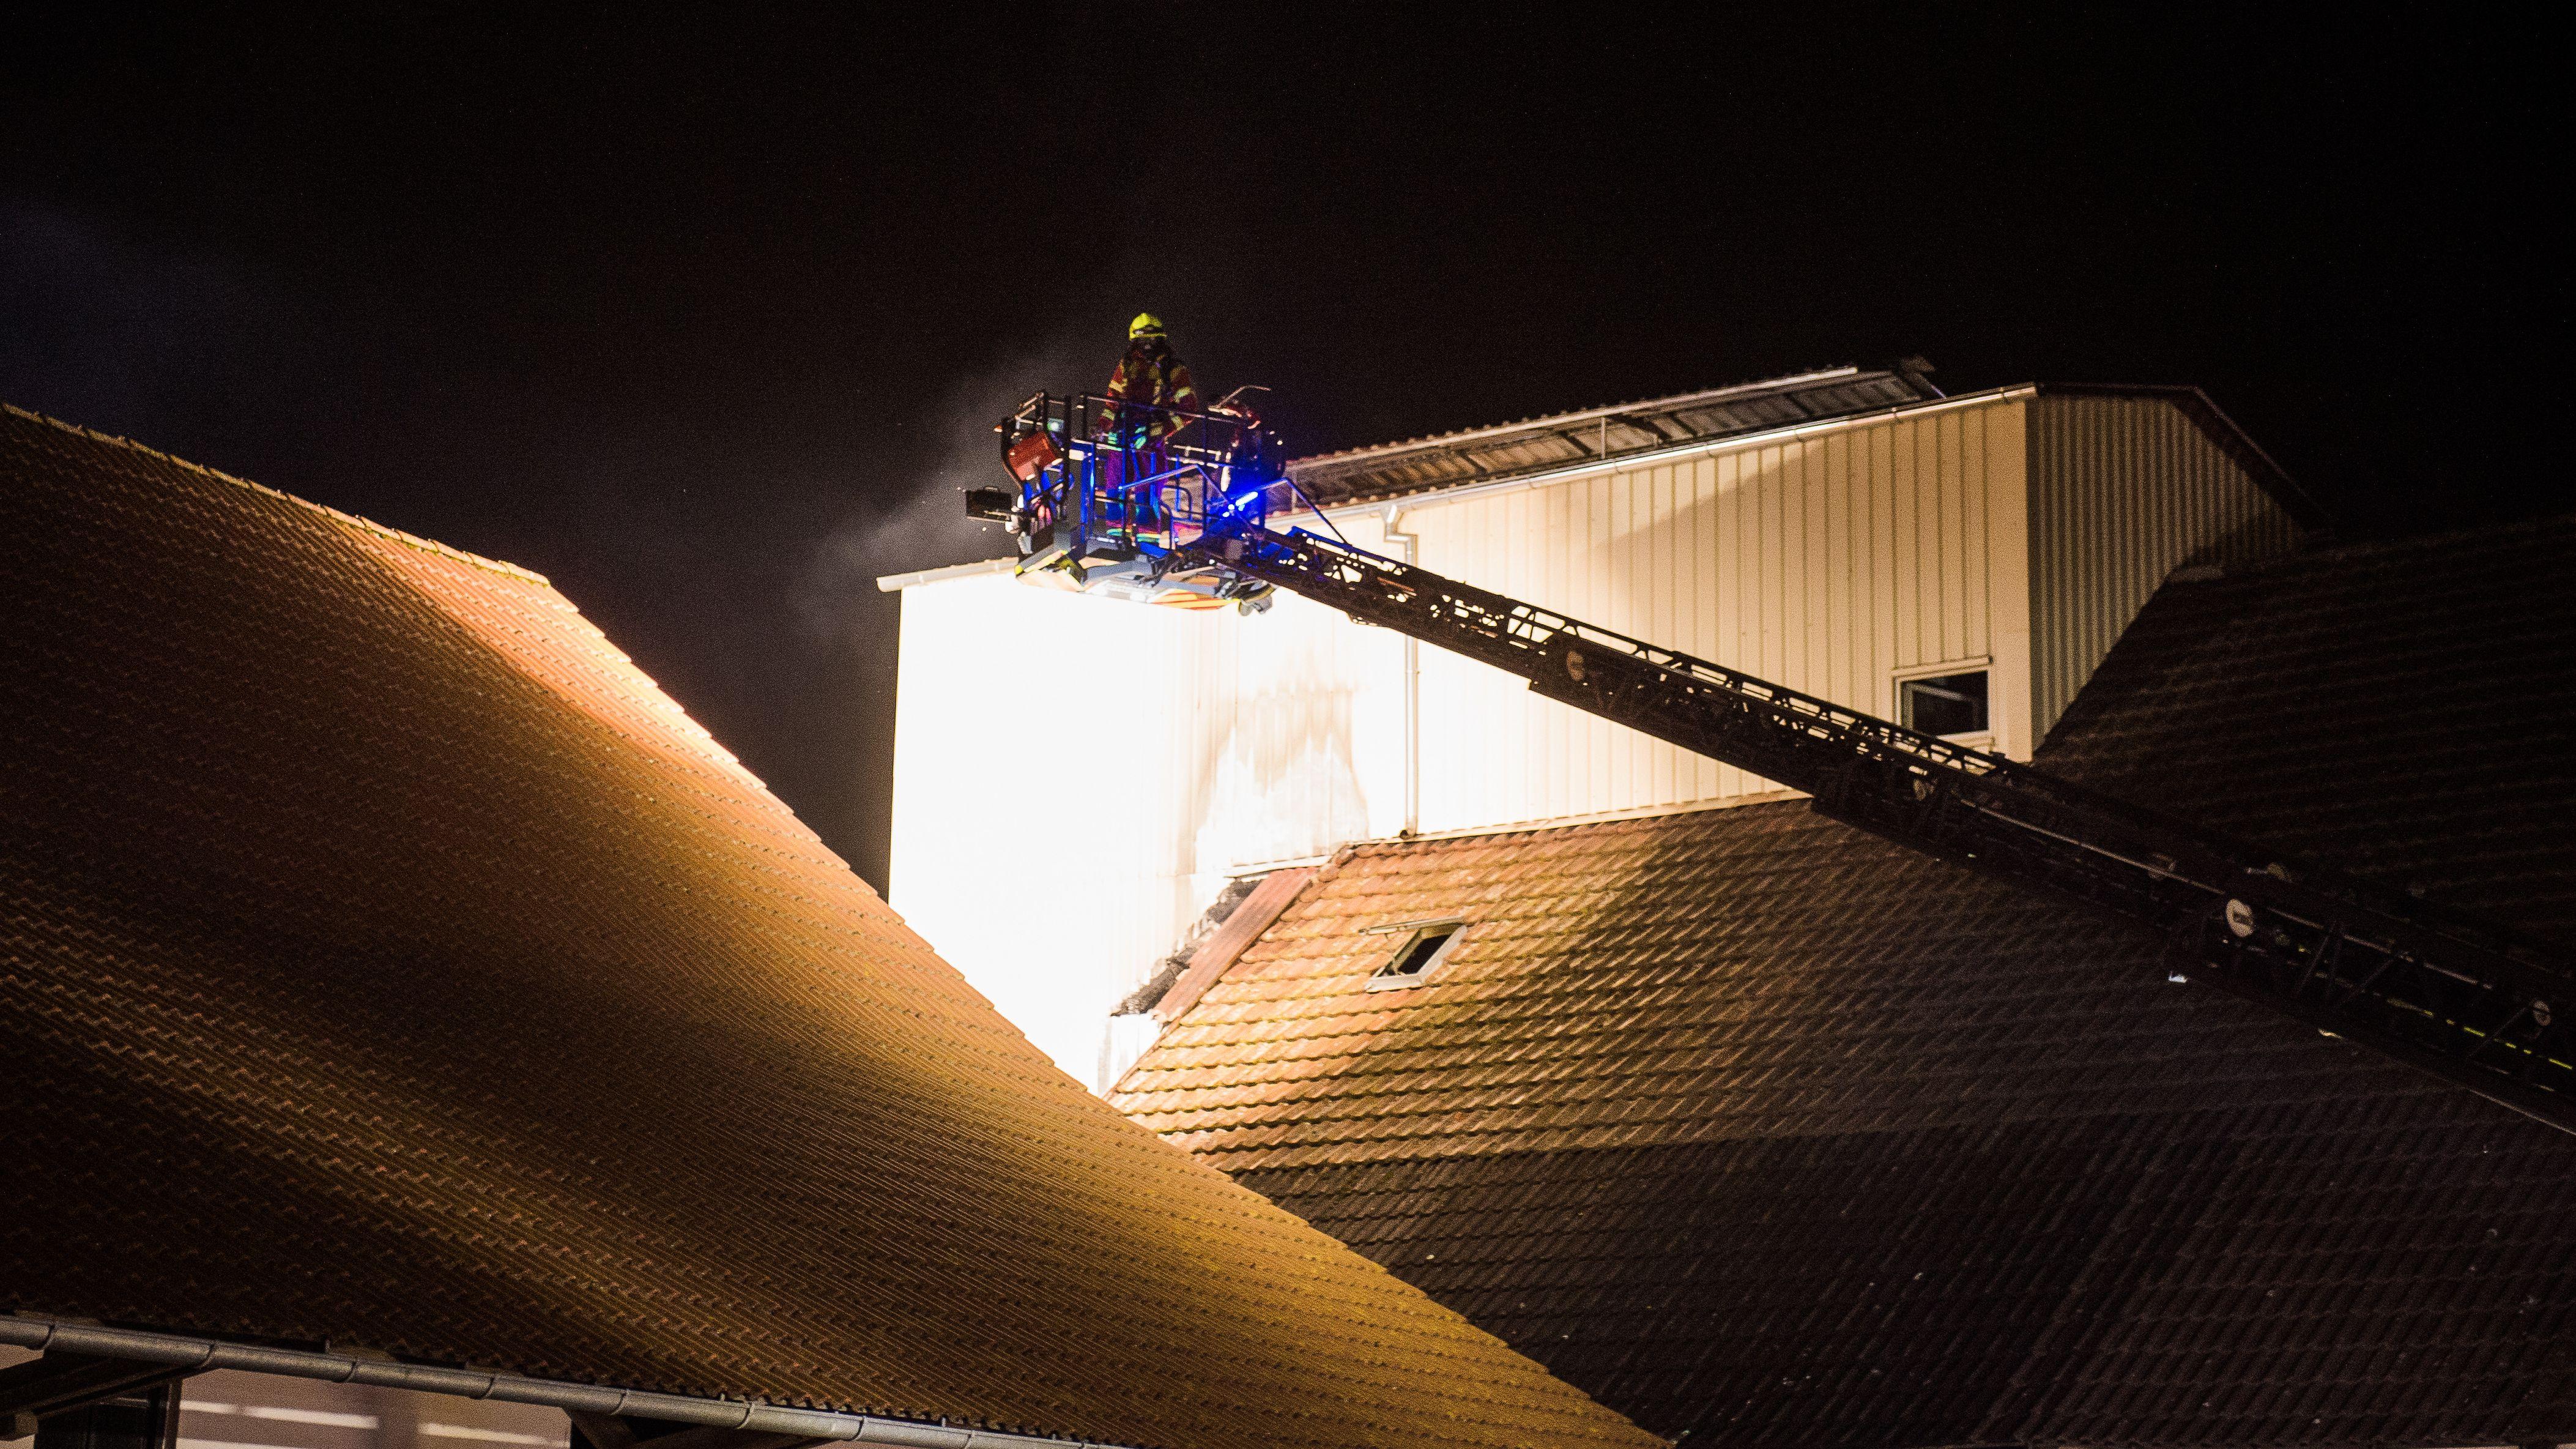 Mehrere Feuerwehren mussten im Landkreis Kelheim ausrücken